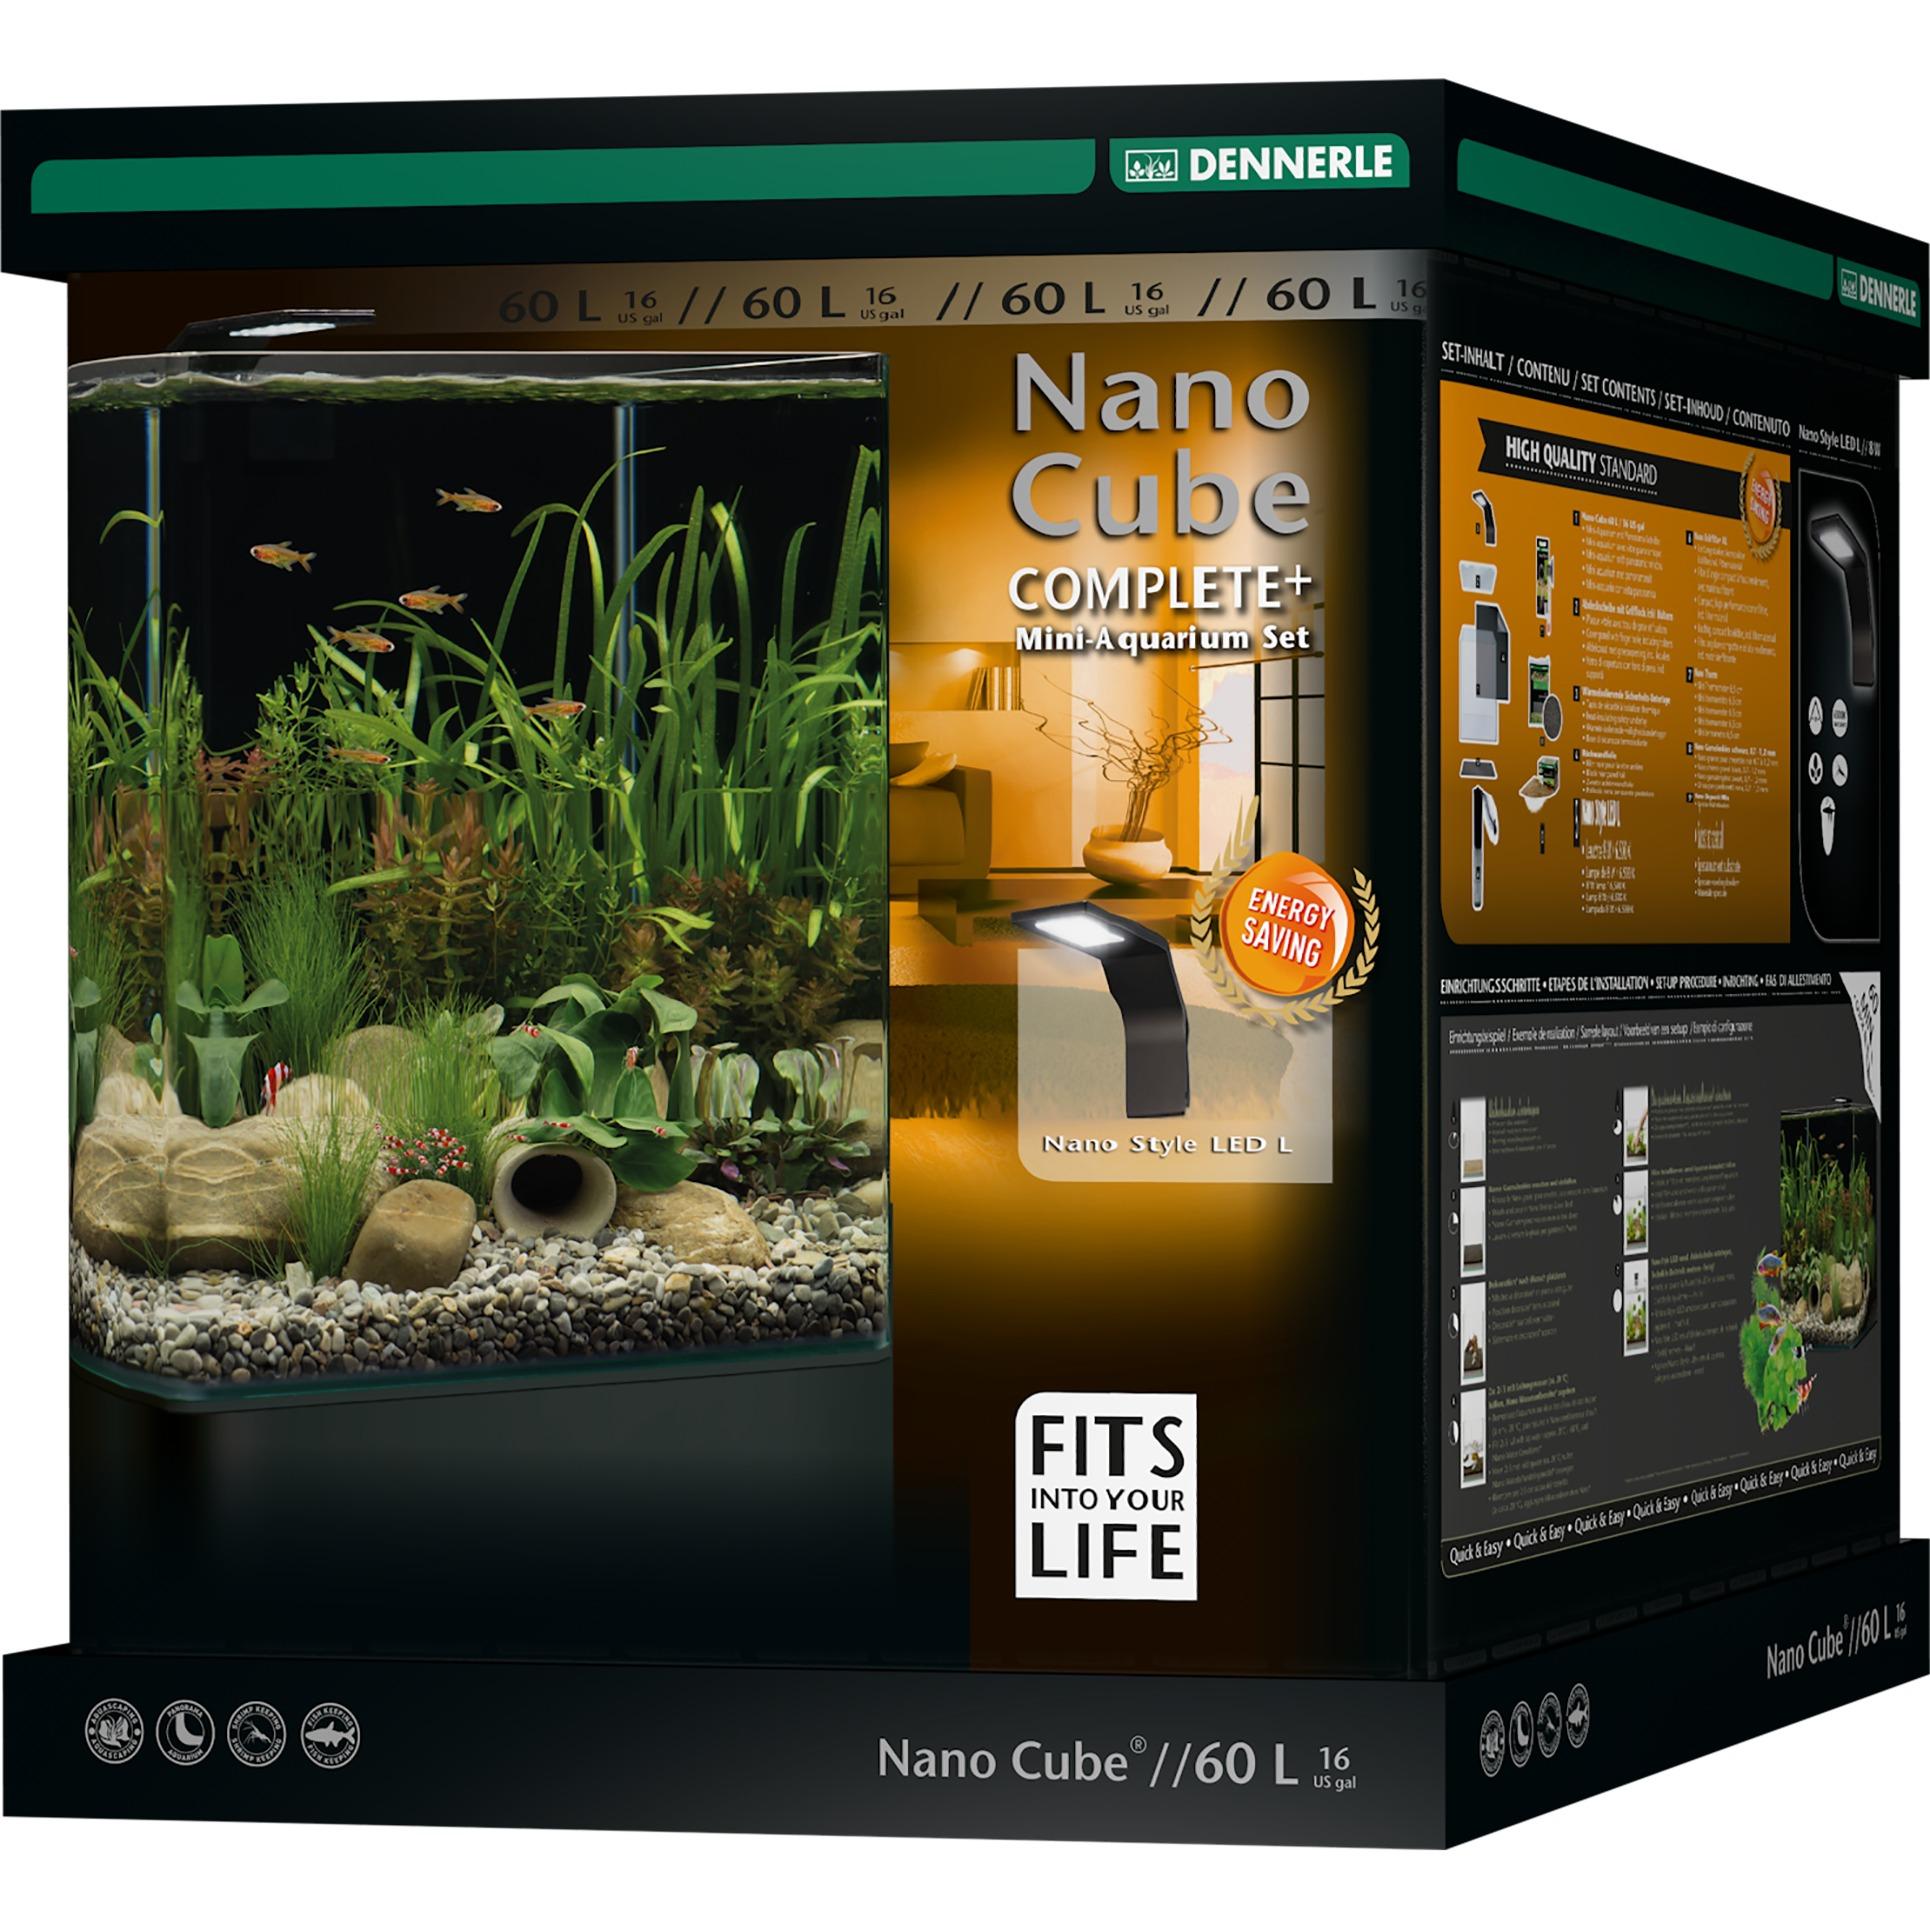 DENNERLE Nano Cube Complete+ 60 L nano-aquarium 38 x 38 x 43 cm avec substrat, gravier, filtration et éclairage Style LED L